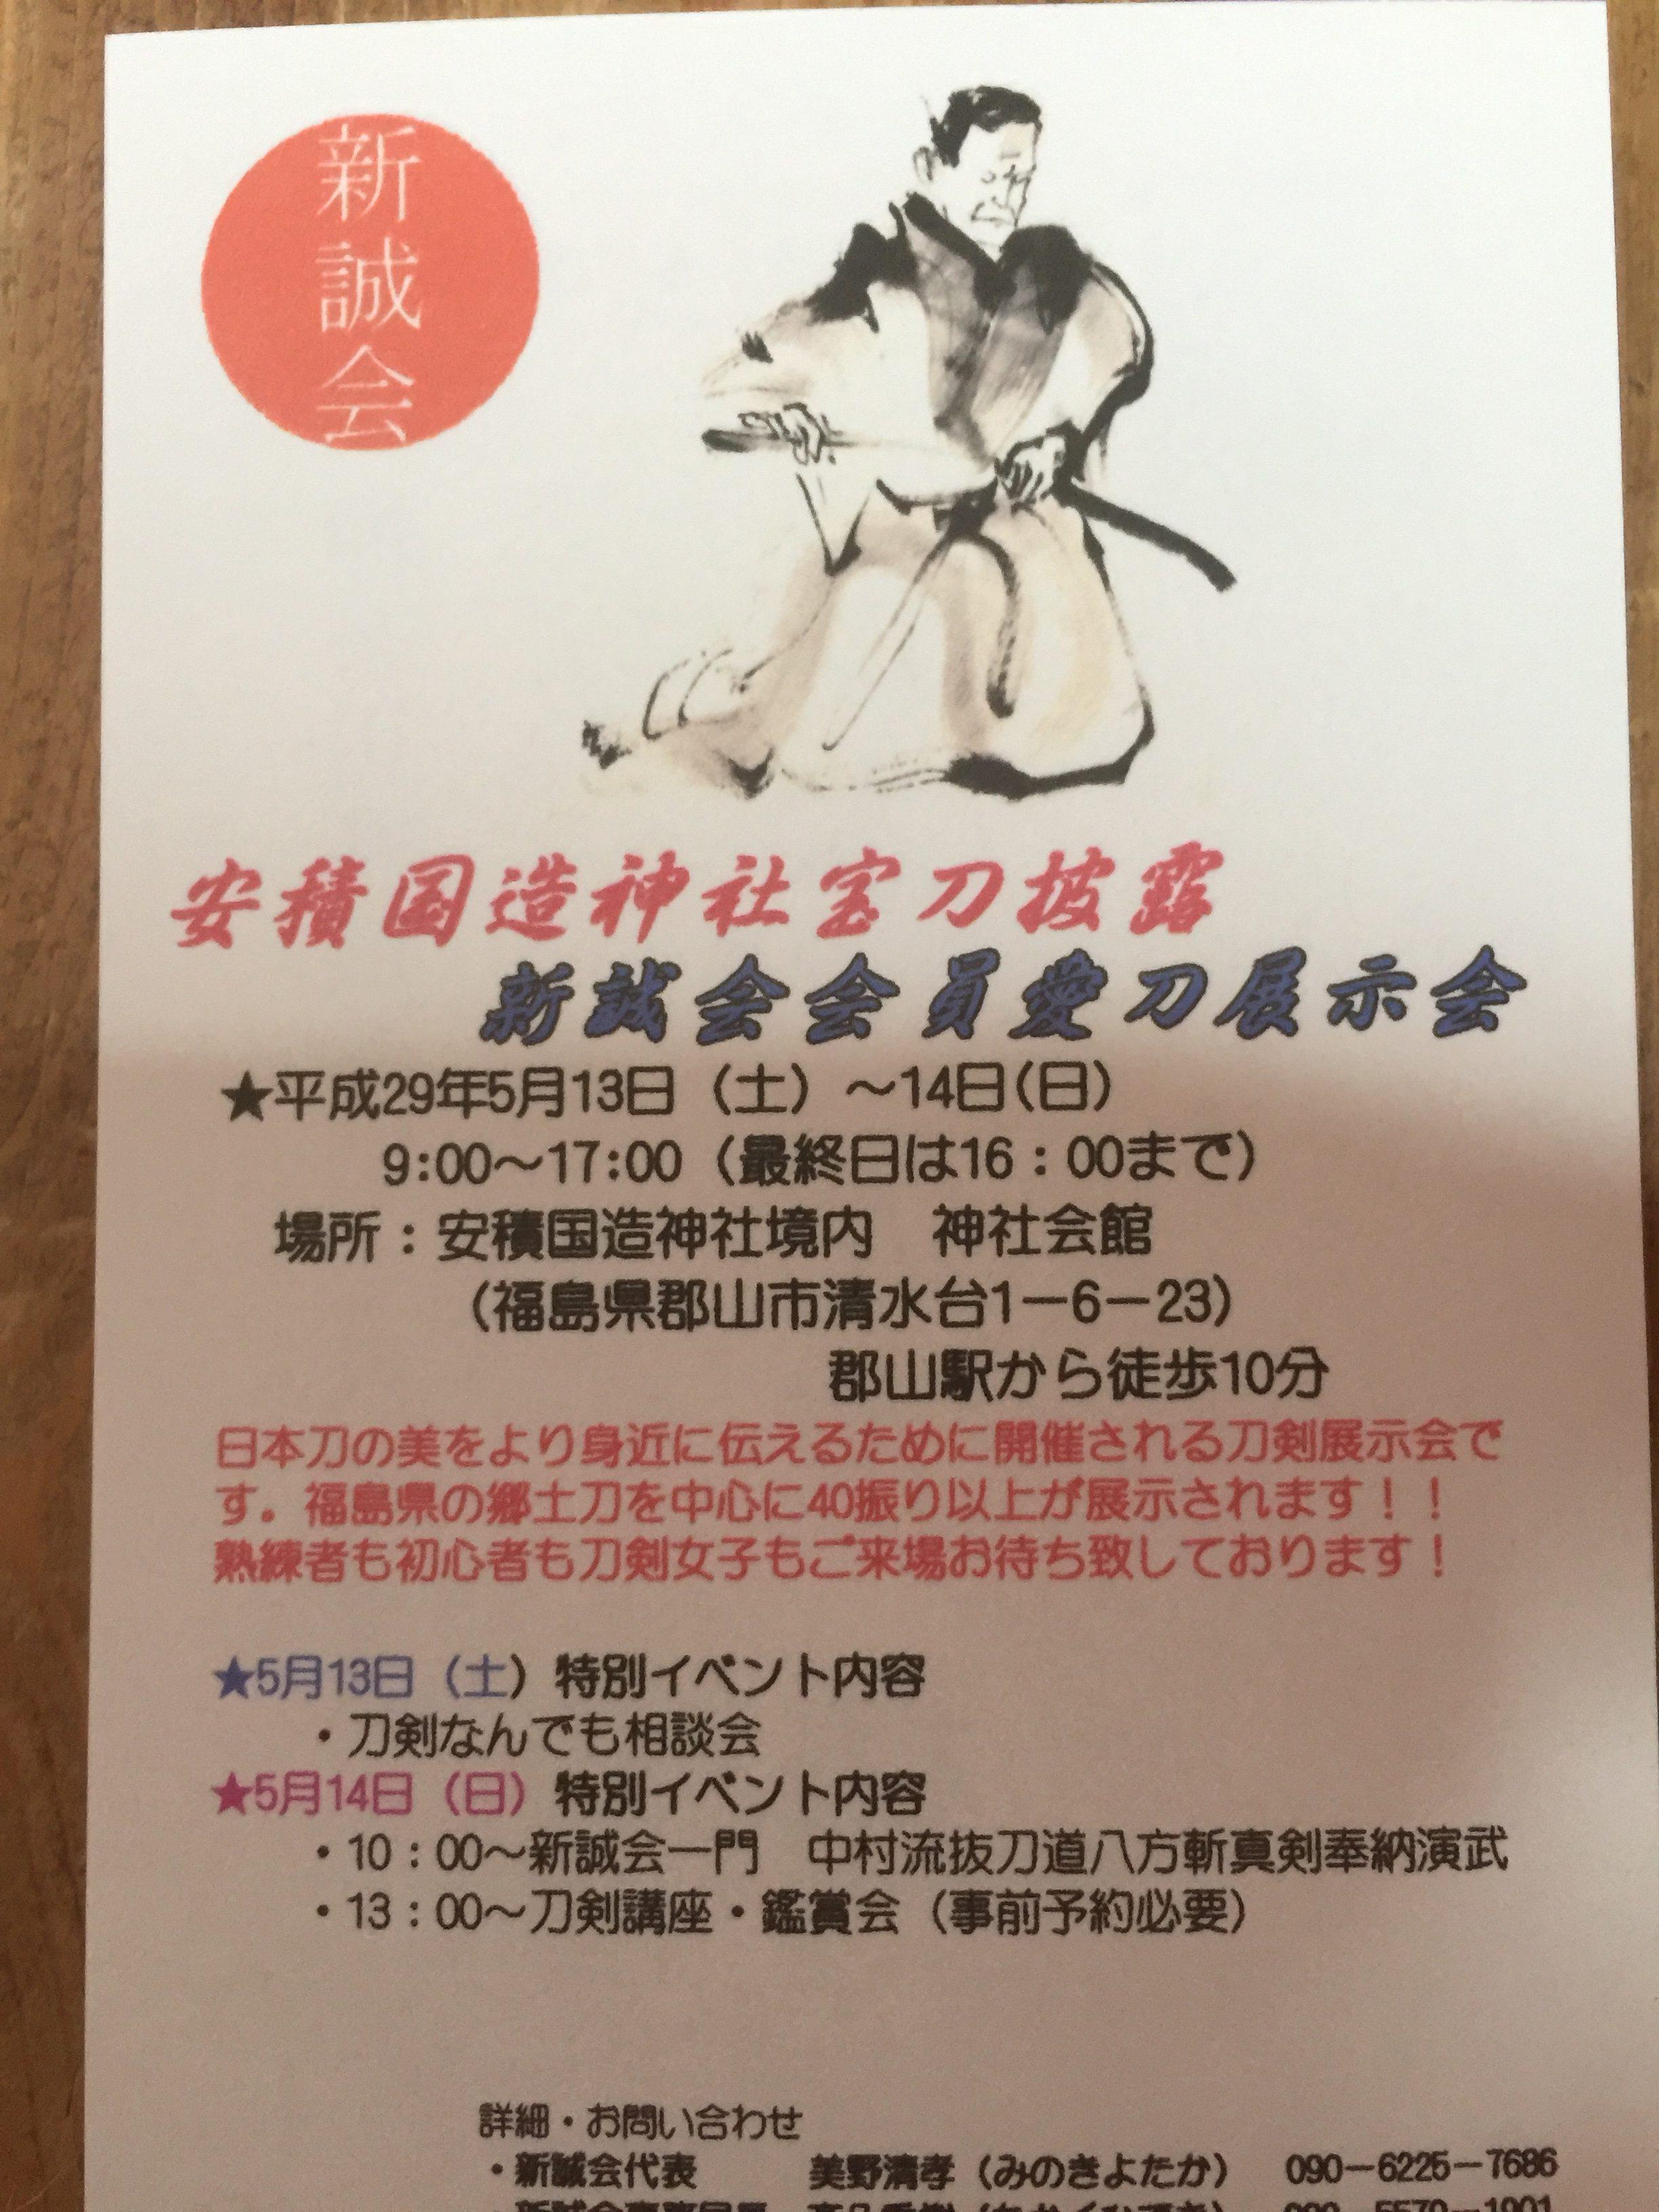 郡山の安積国造神社で刀剣展示鑑賞会が開催されます。5/13-14日の2日間